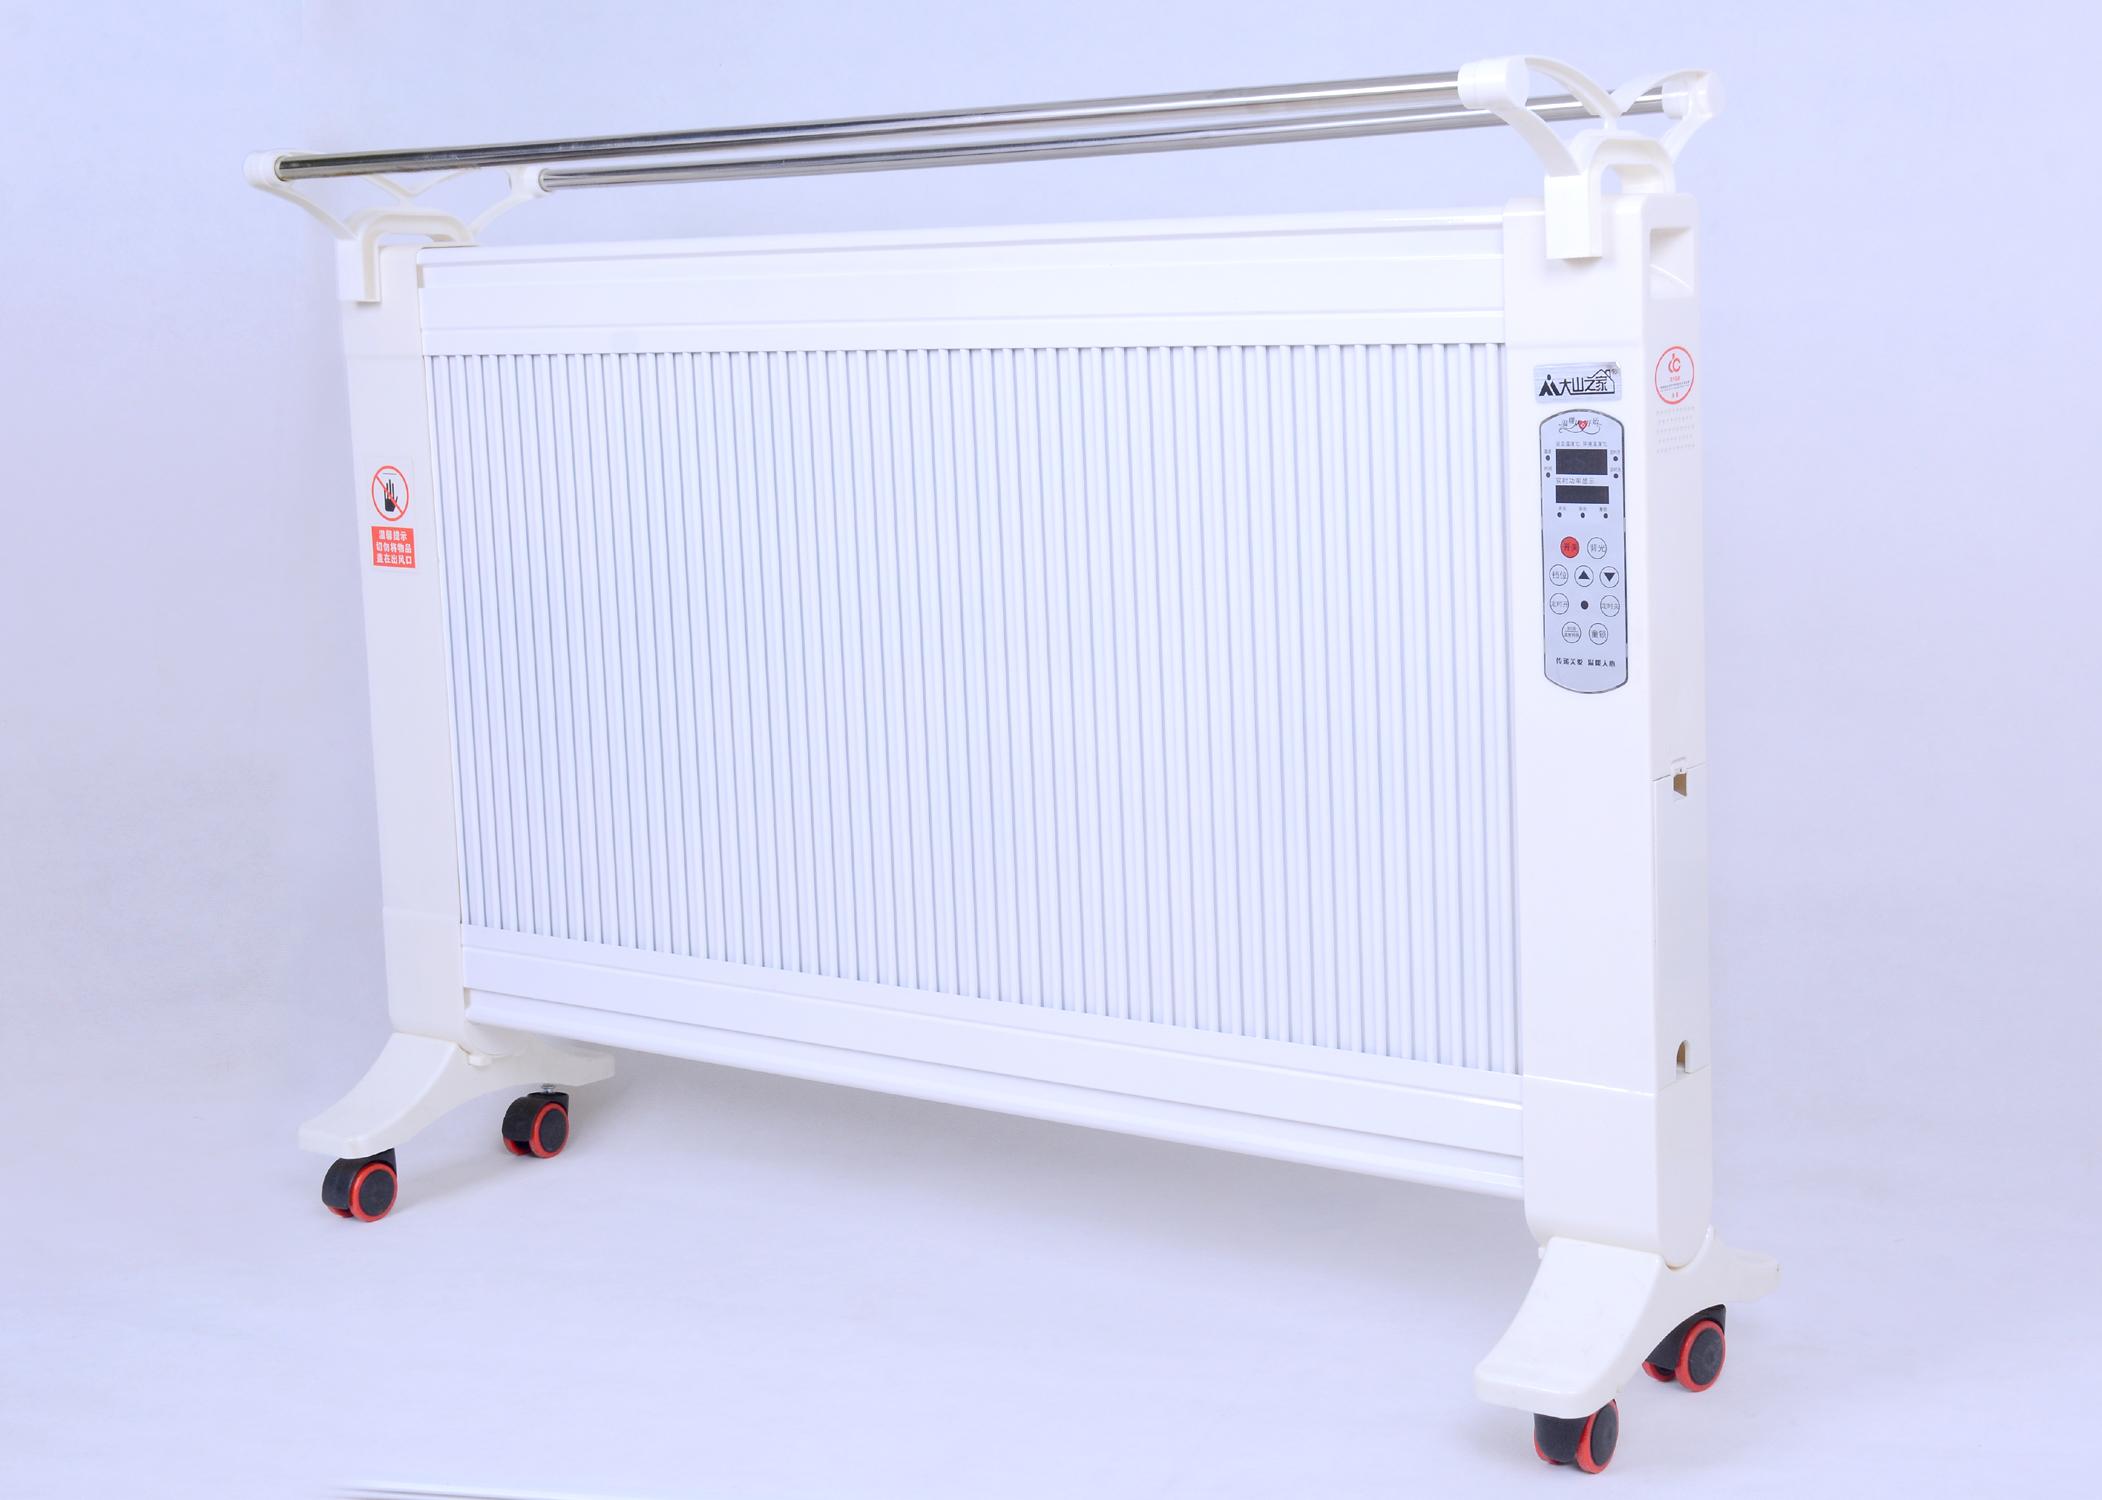 烟台对流暖气片耗电量,暖气片